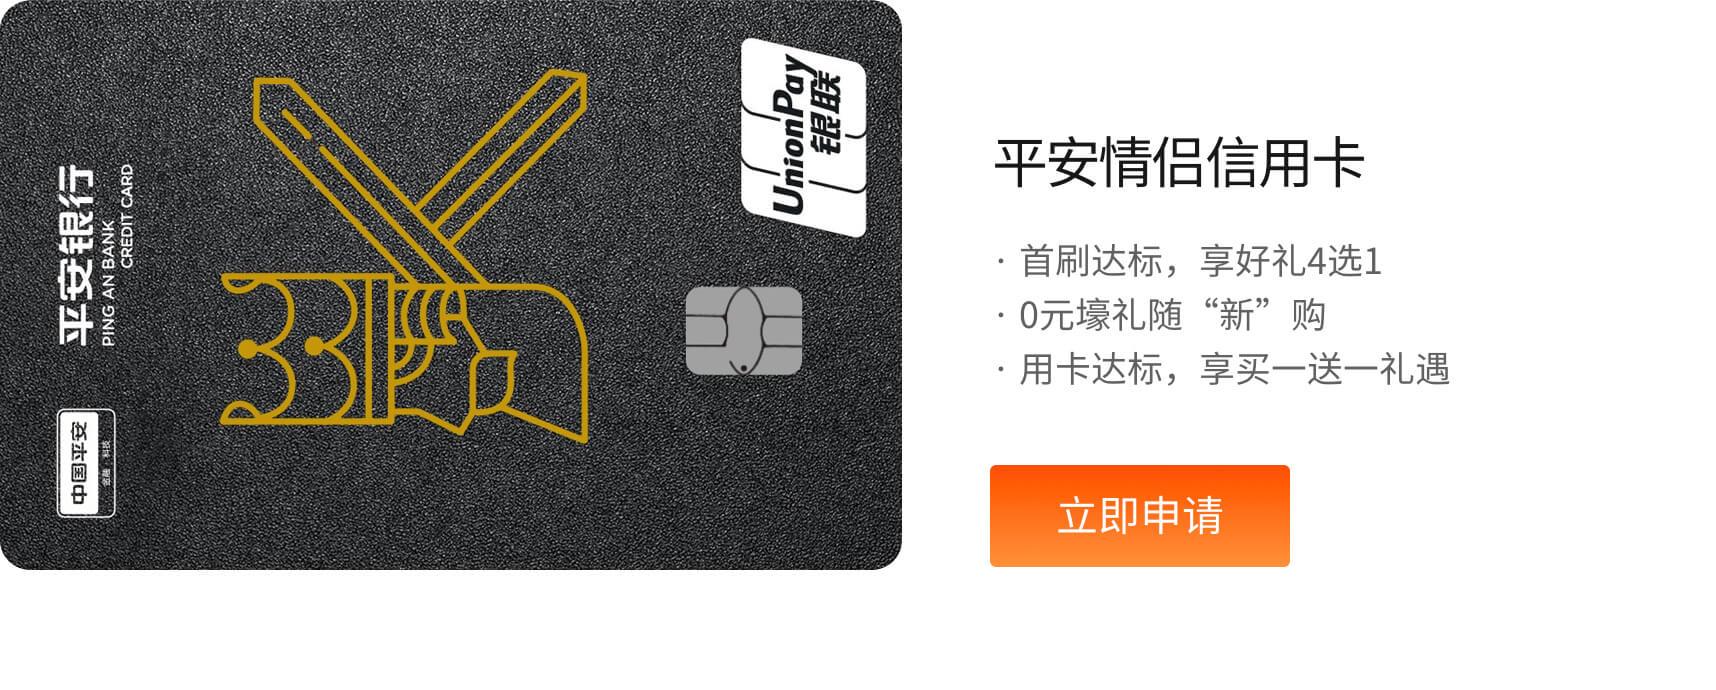 平安情侶信用卡